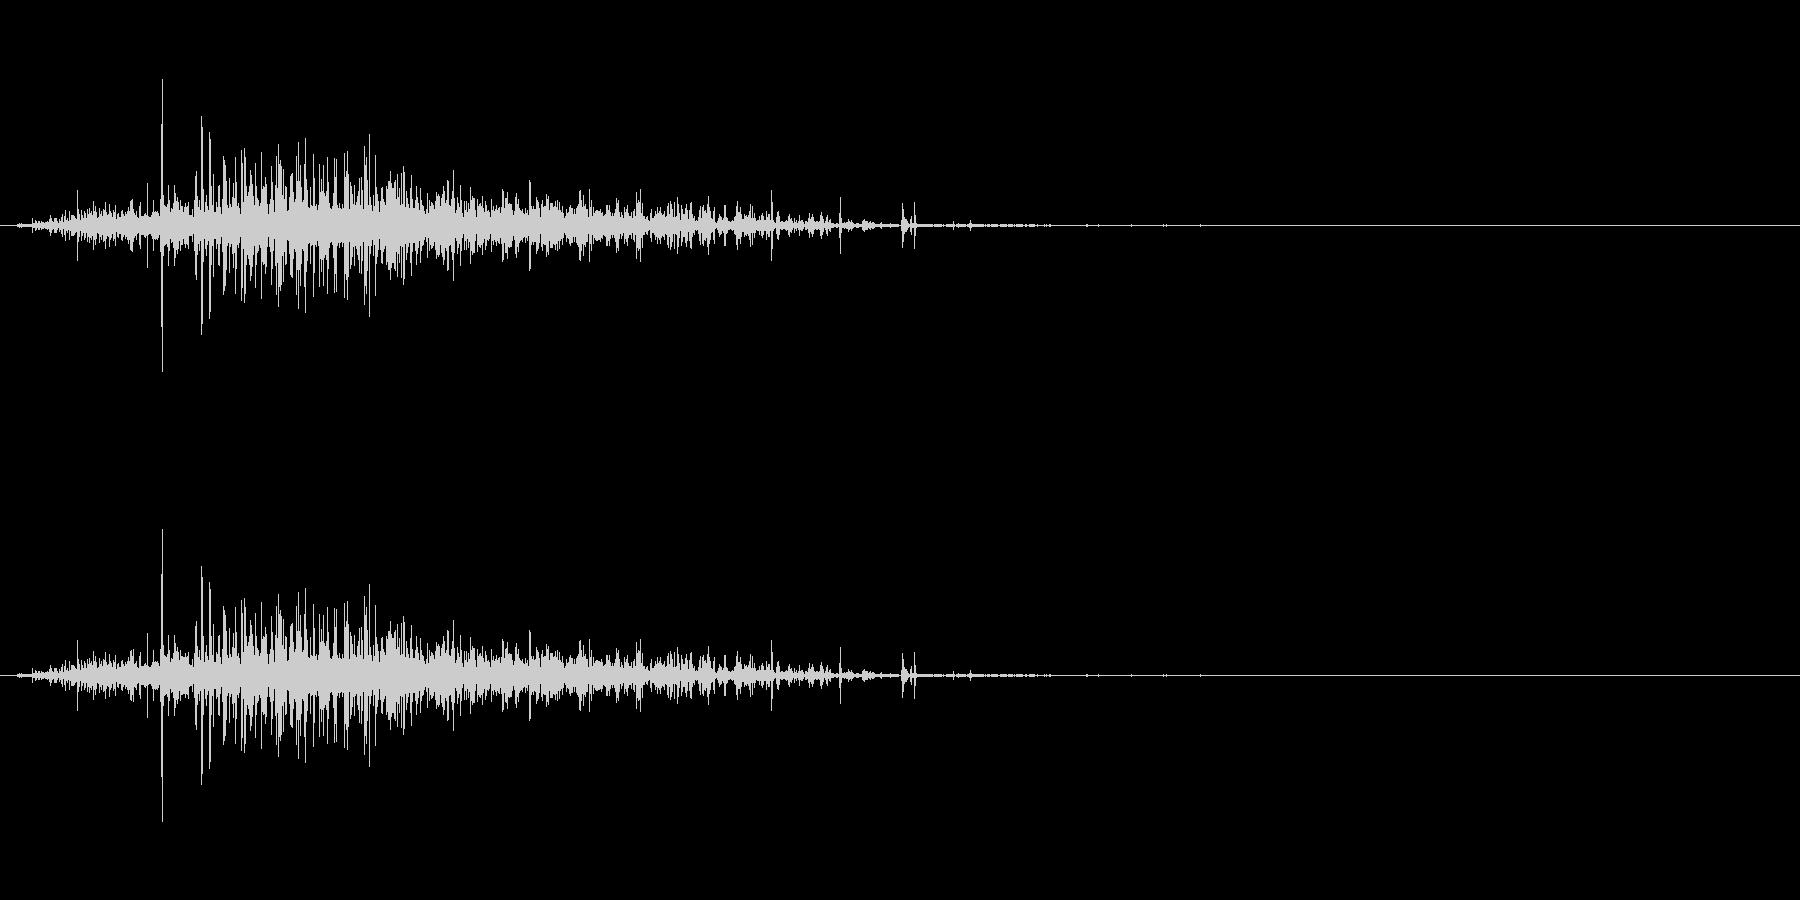 【生音】ジャラーという粒が流れる落下音の未再生の波形